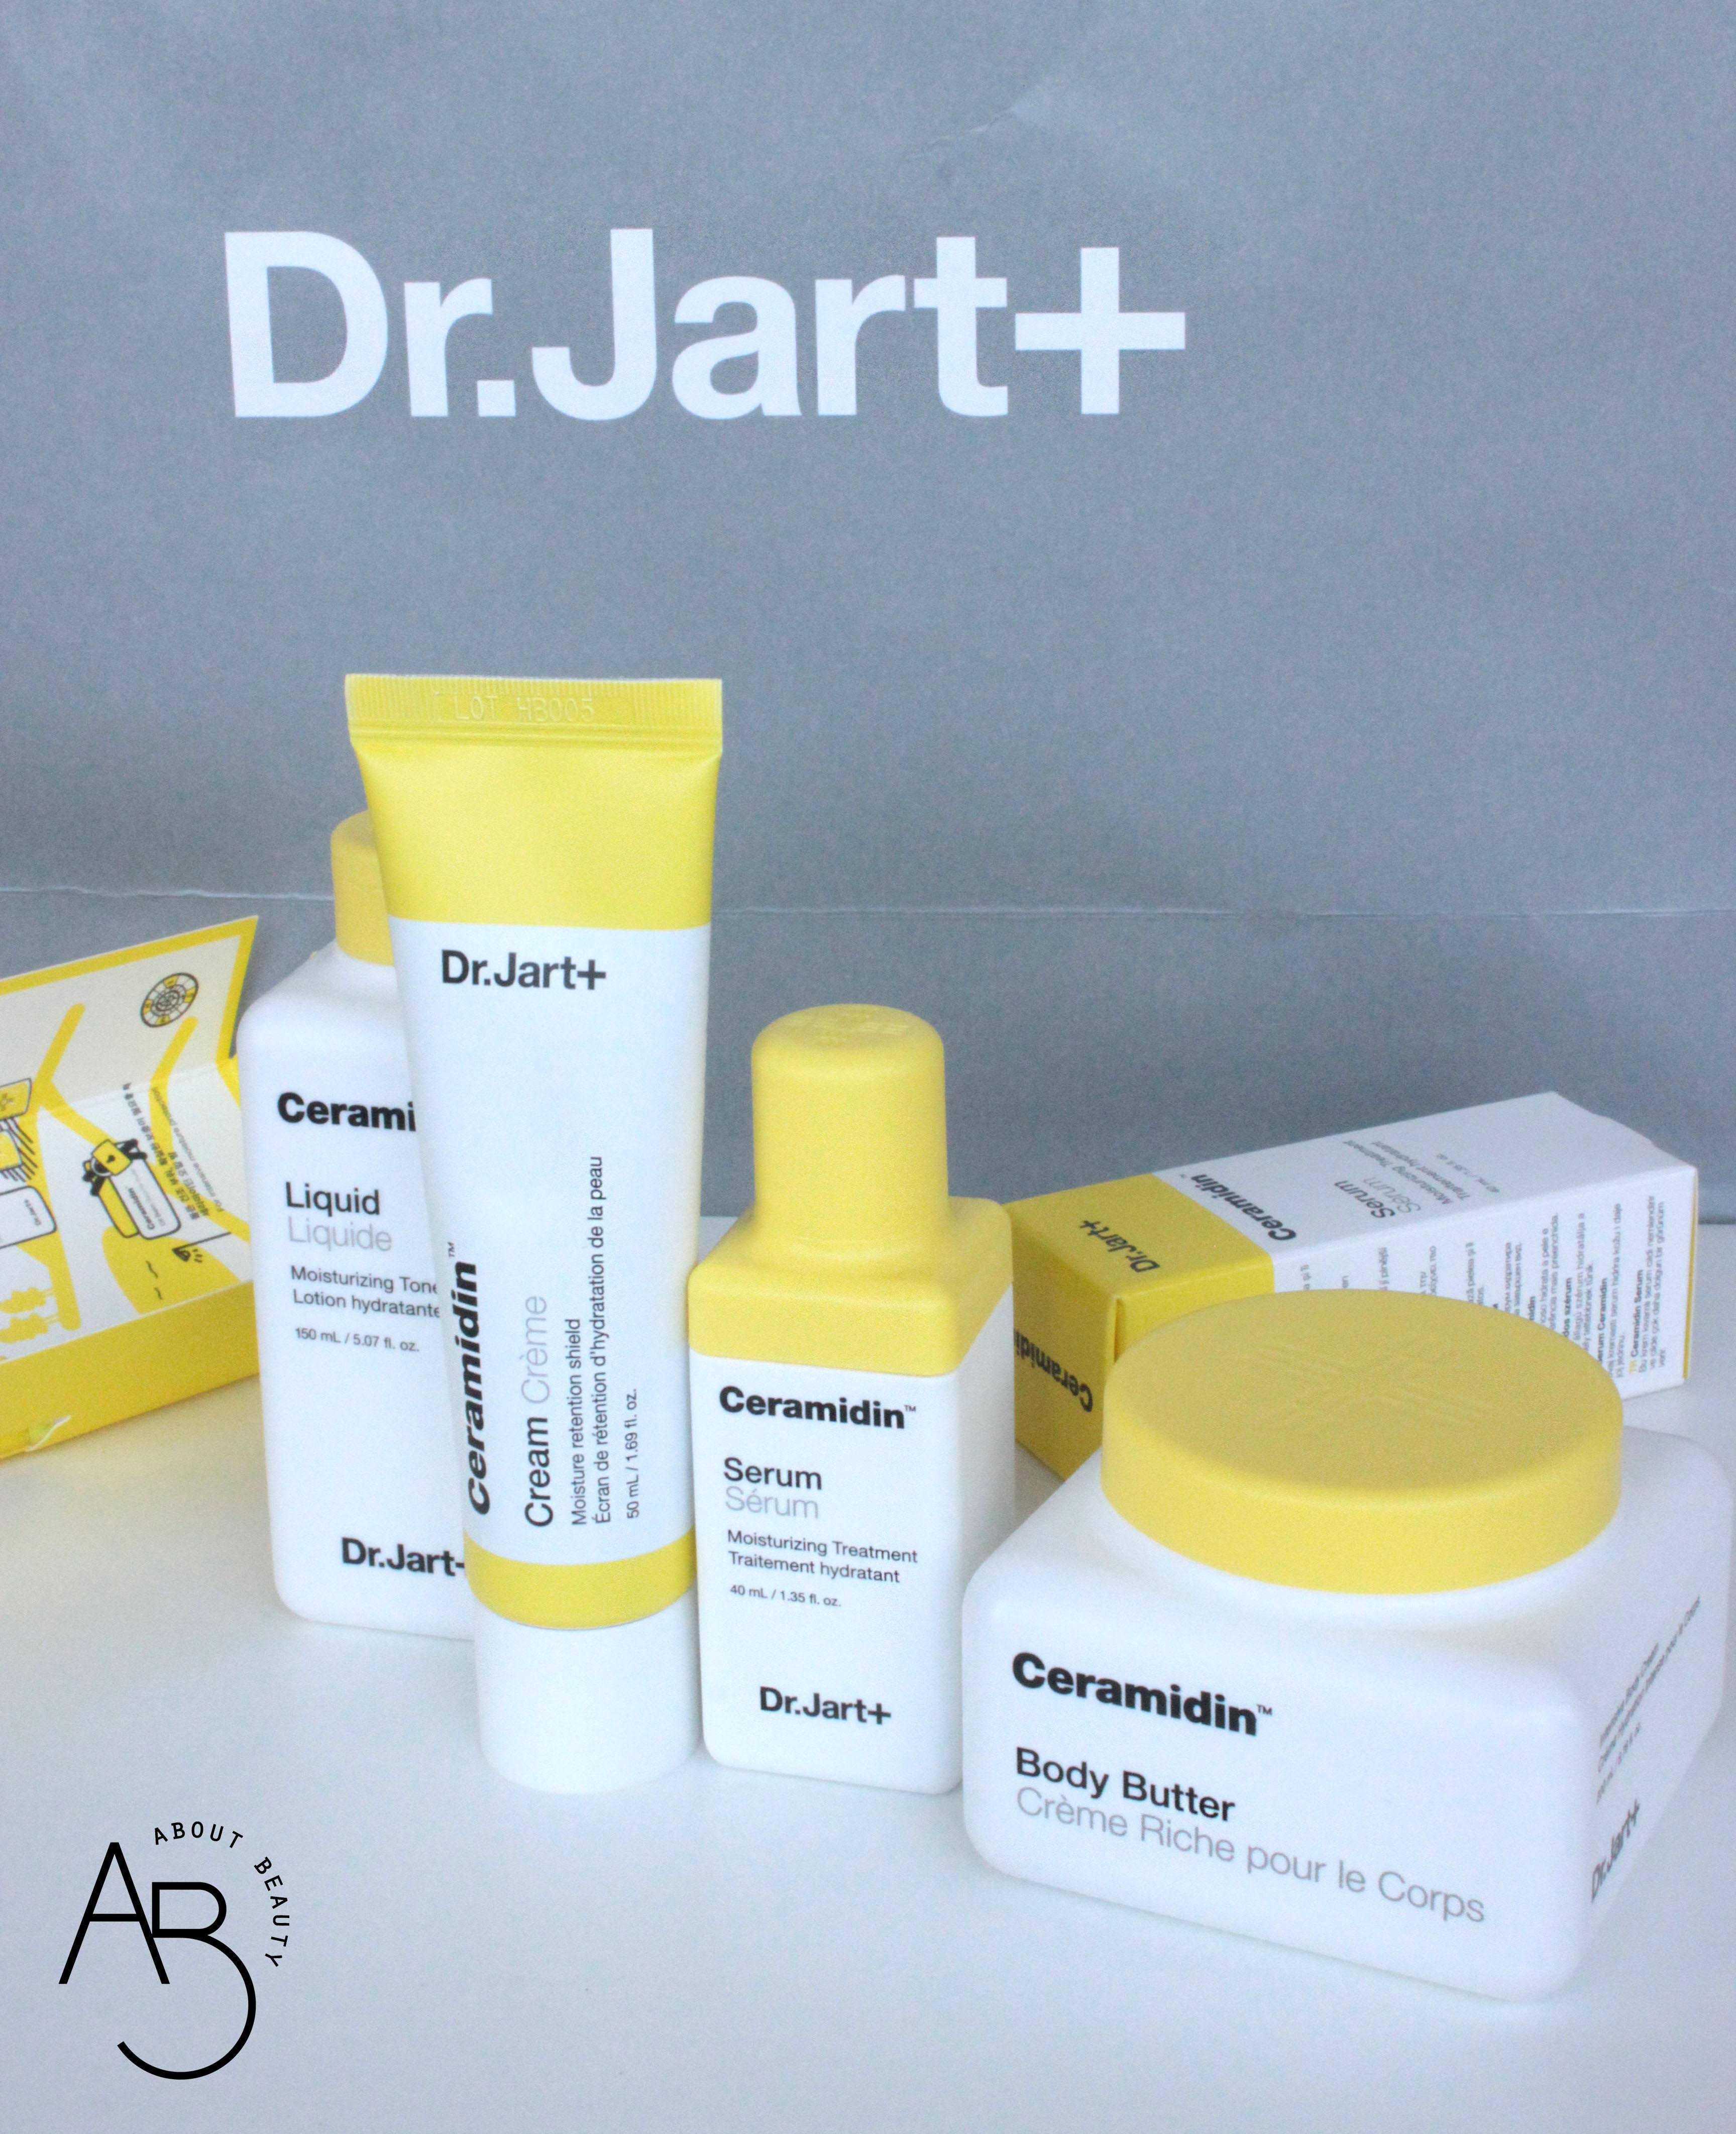 Dr.Jart Ceramidin pelle secca e disidratata - Info, opinioni, prezzo, dove acquistare, review, recensione - Cover Vertical